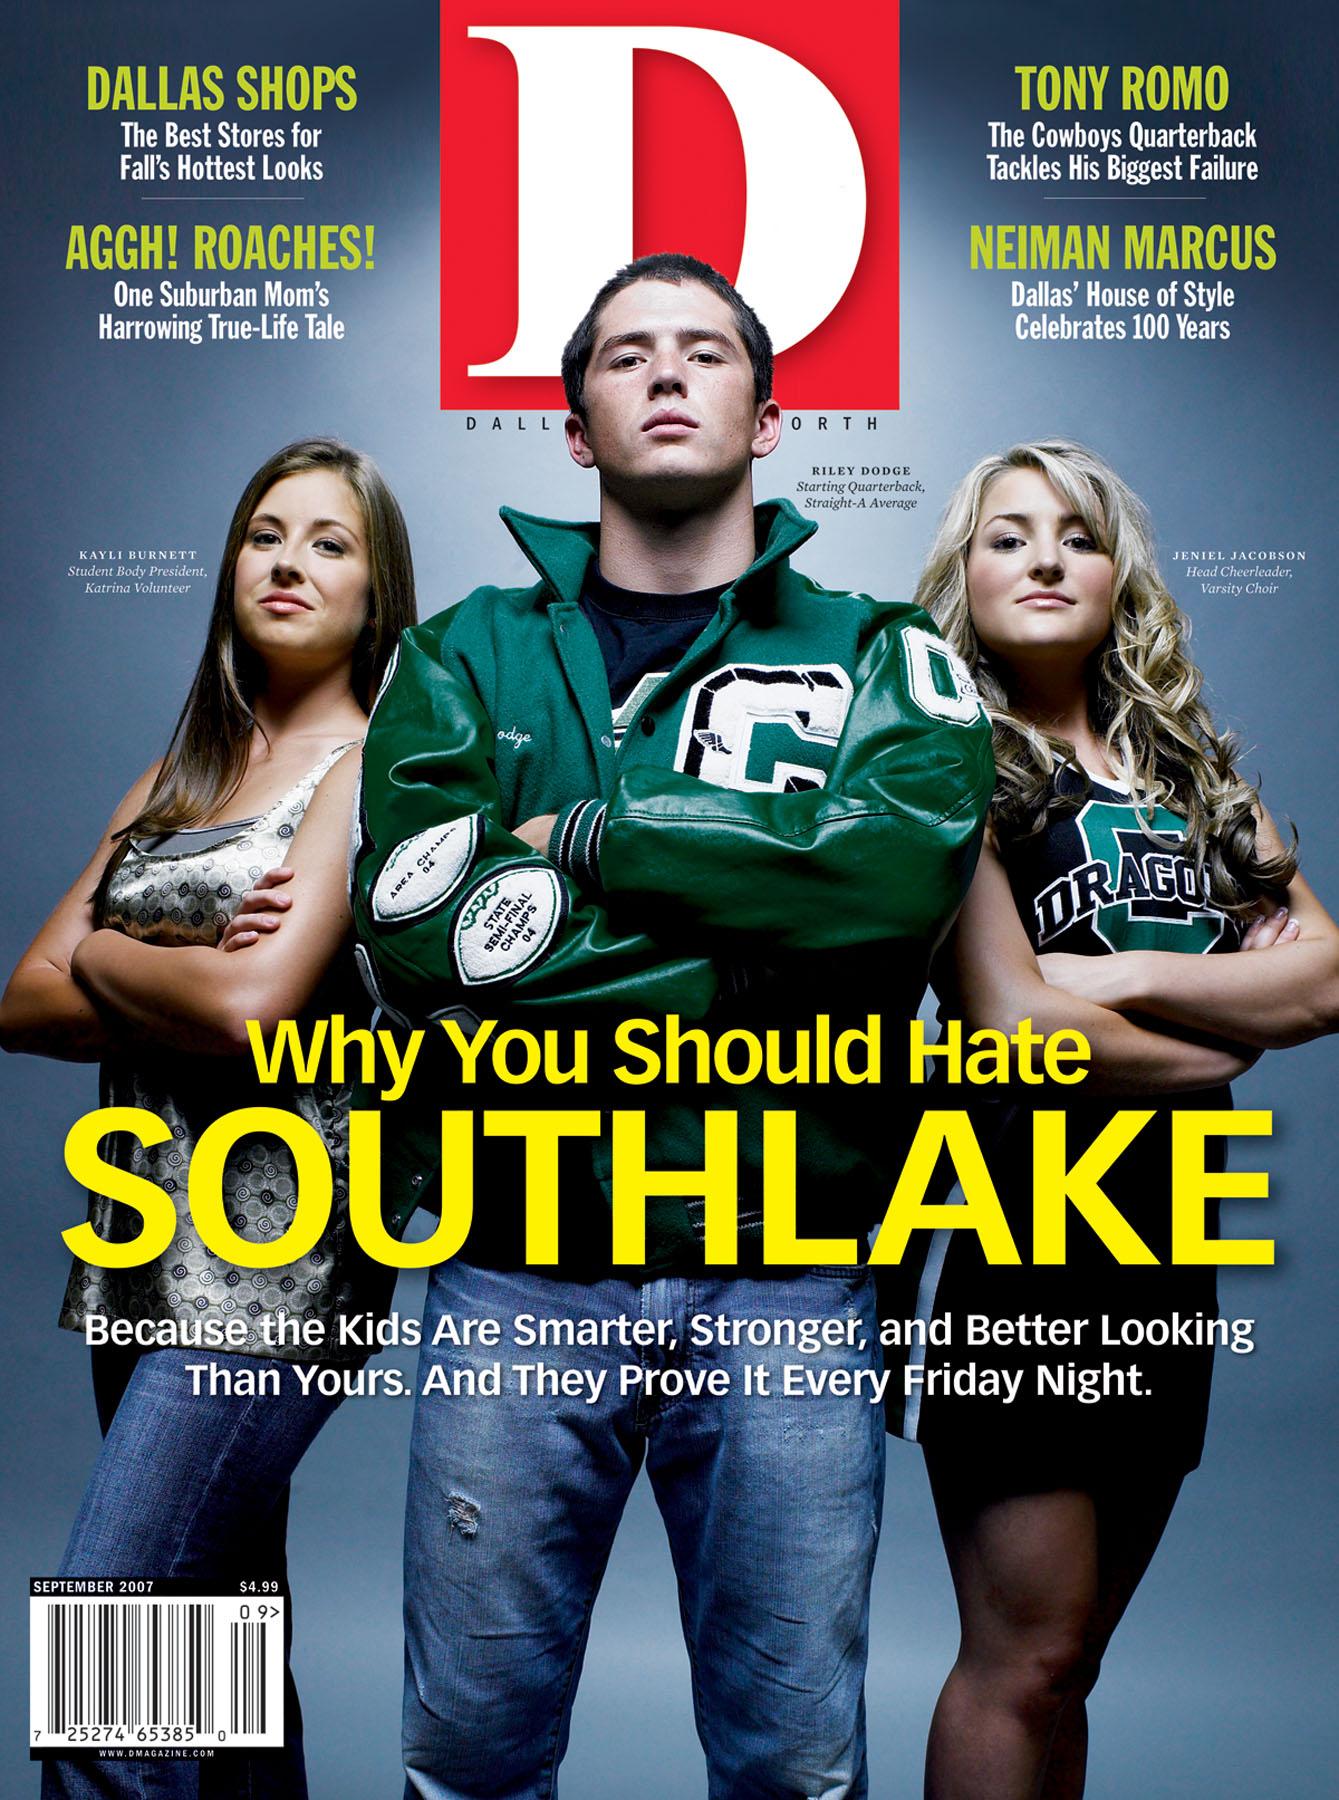 September 2007 cover